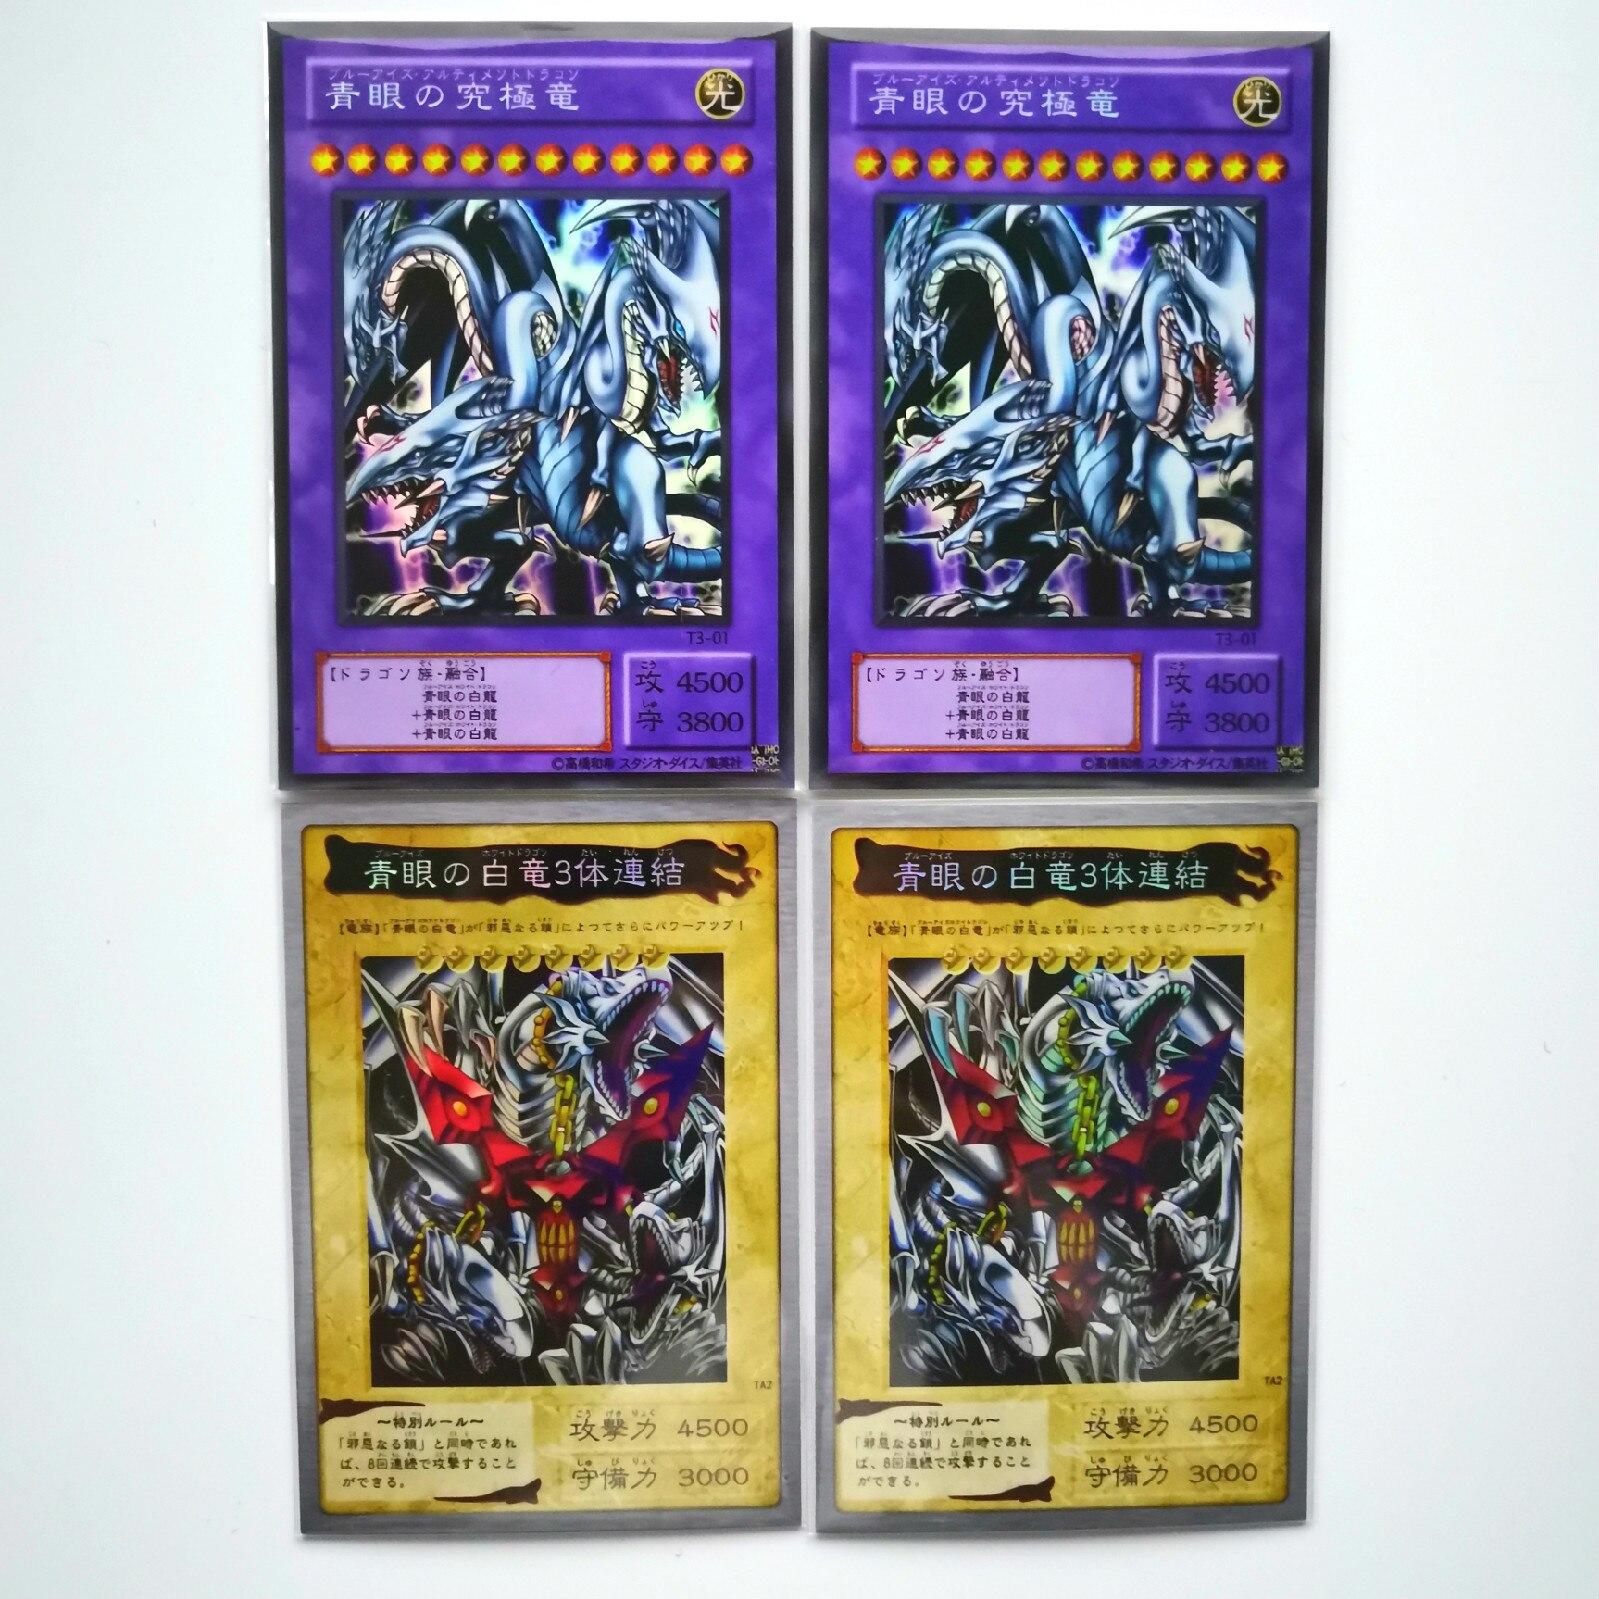 Trendmarkierung 2 Arten Yu Gi Oh Blau Augen Weiß Ultimative Dragon Flash Karte Spielzeug Hobbies Hobby Sammlerstücke Spiel Sammlung Anime Karten